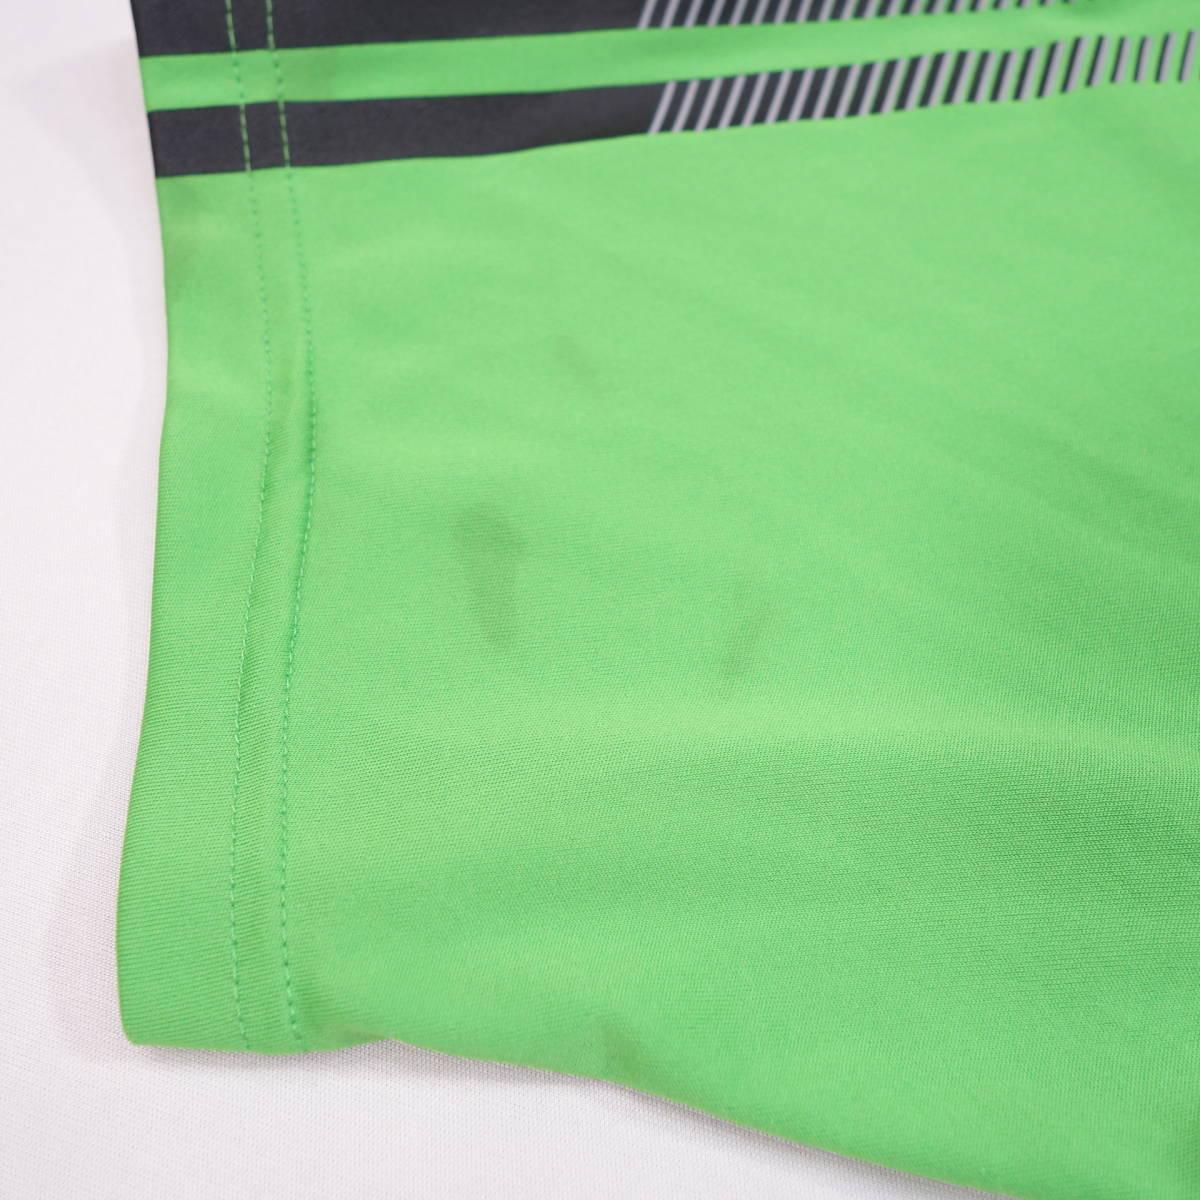 アディダス adidas Tシャツ 半袖 メンズ M クルーネック ワンポイントロゴ 三本ライン スポーツ カジュアル USA直輸入 古着 MAD-1-1-0037_画像8